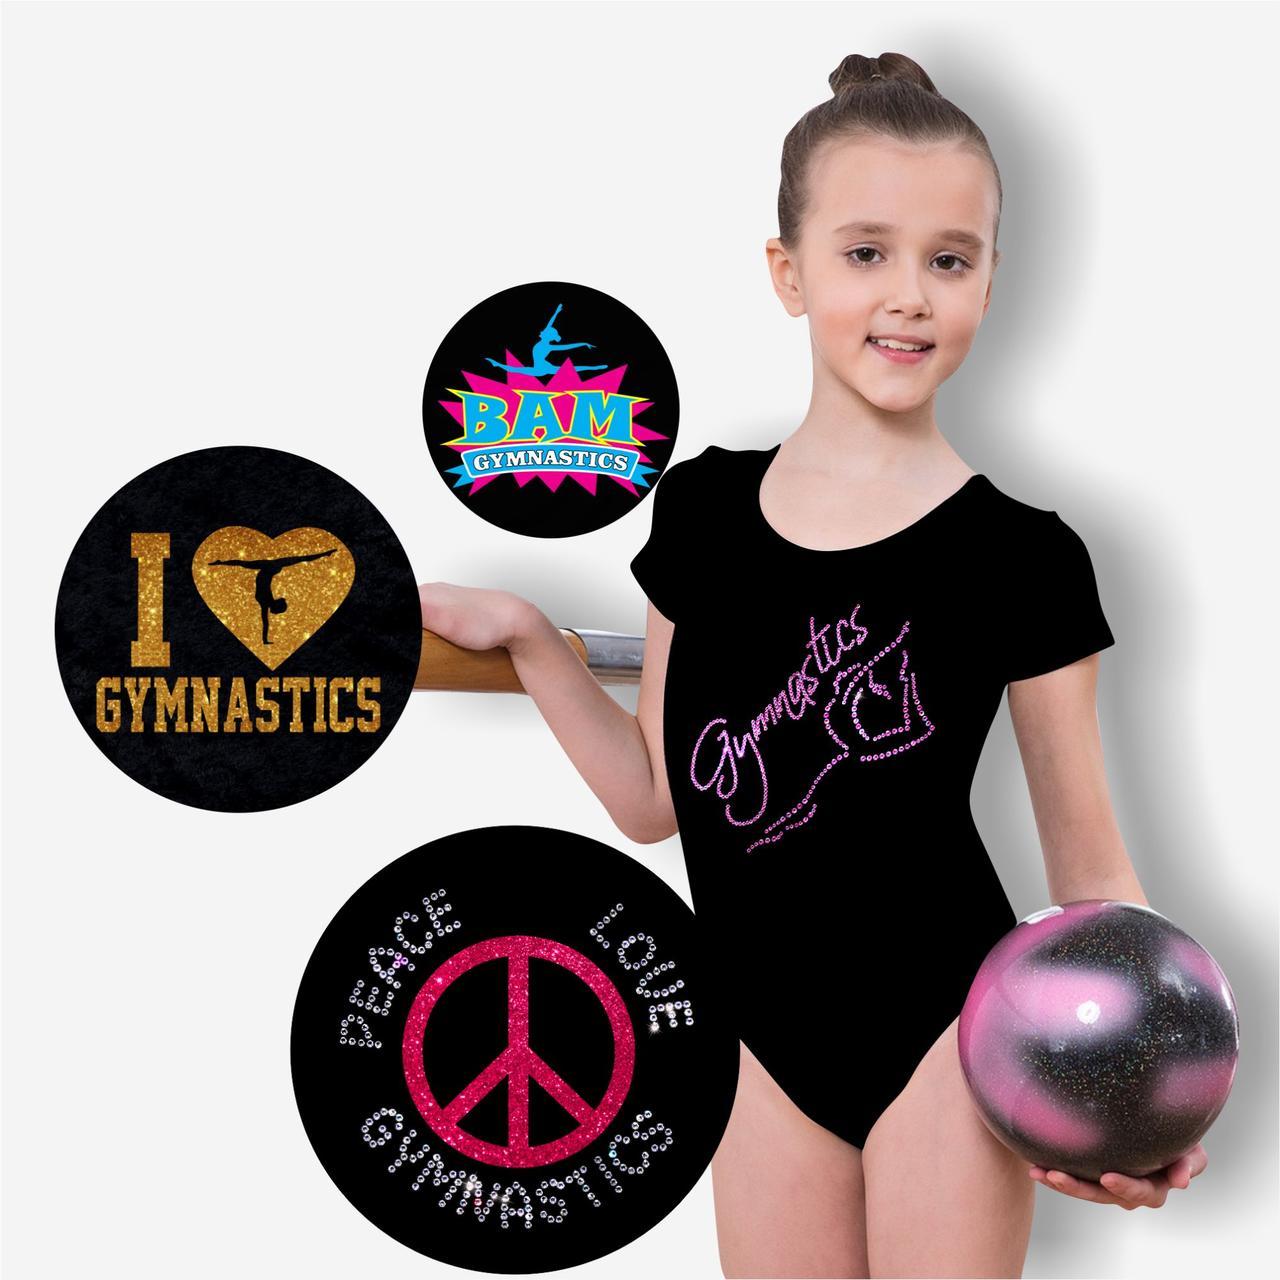 Подбор/Разработка дизайнов декора для гимнастической одежды и аксессуаров (фото в описании)